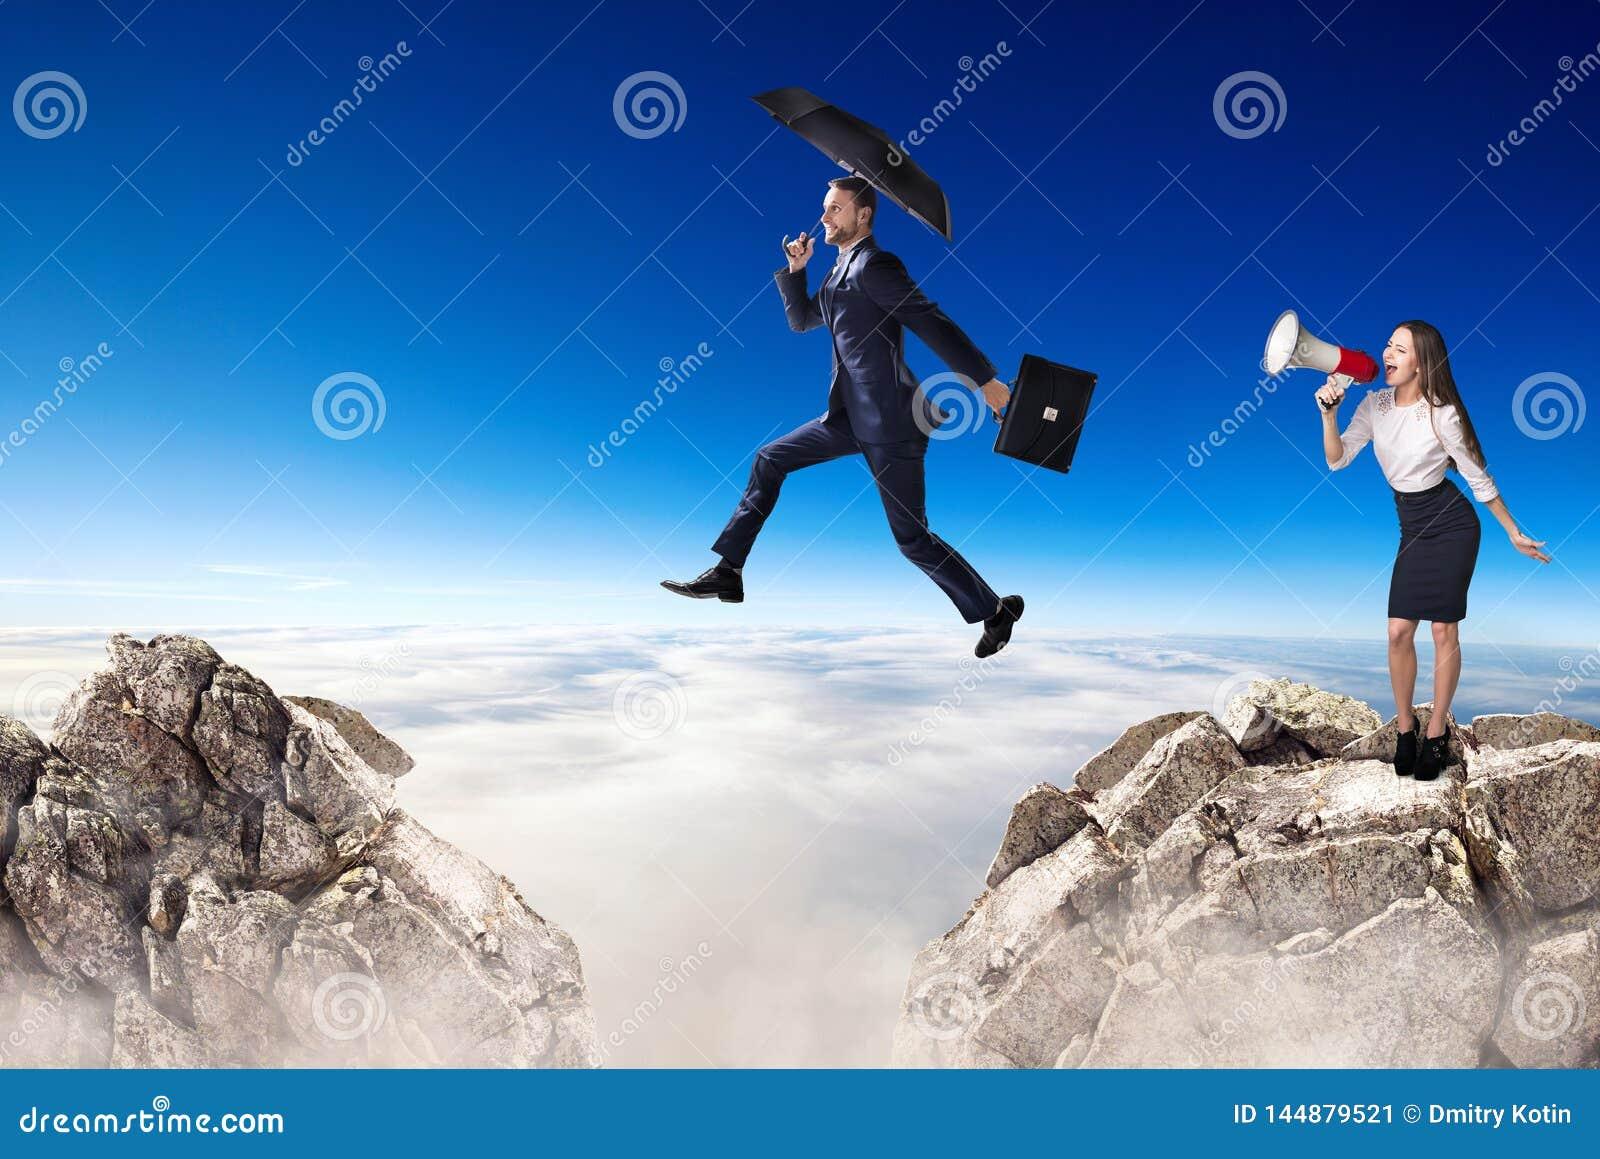 Biznesmen skacze nad koleg? i falez? rozwesela z megafonem